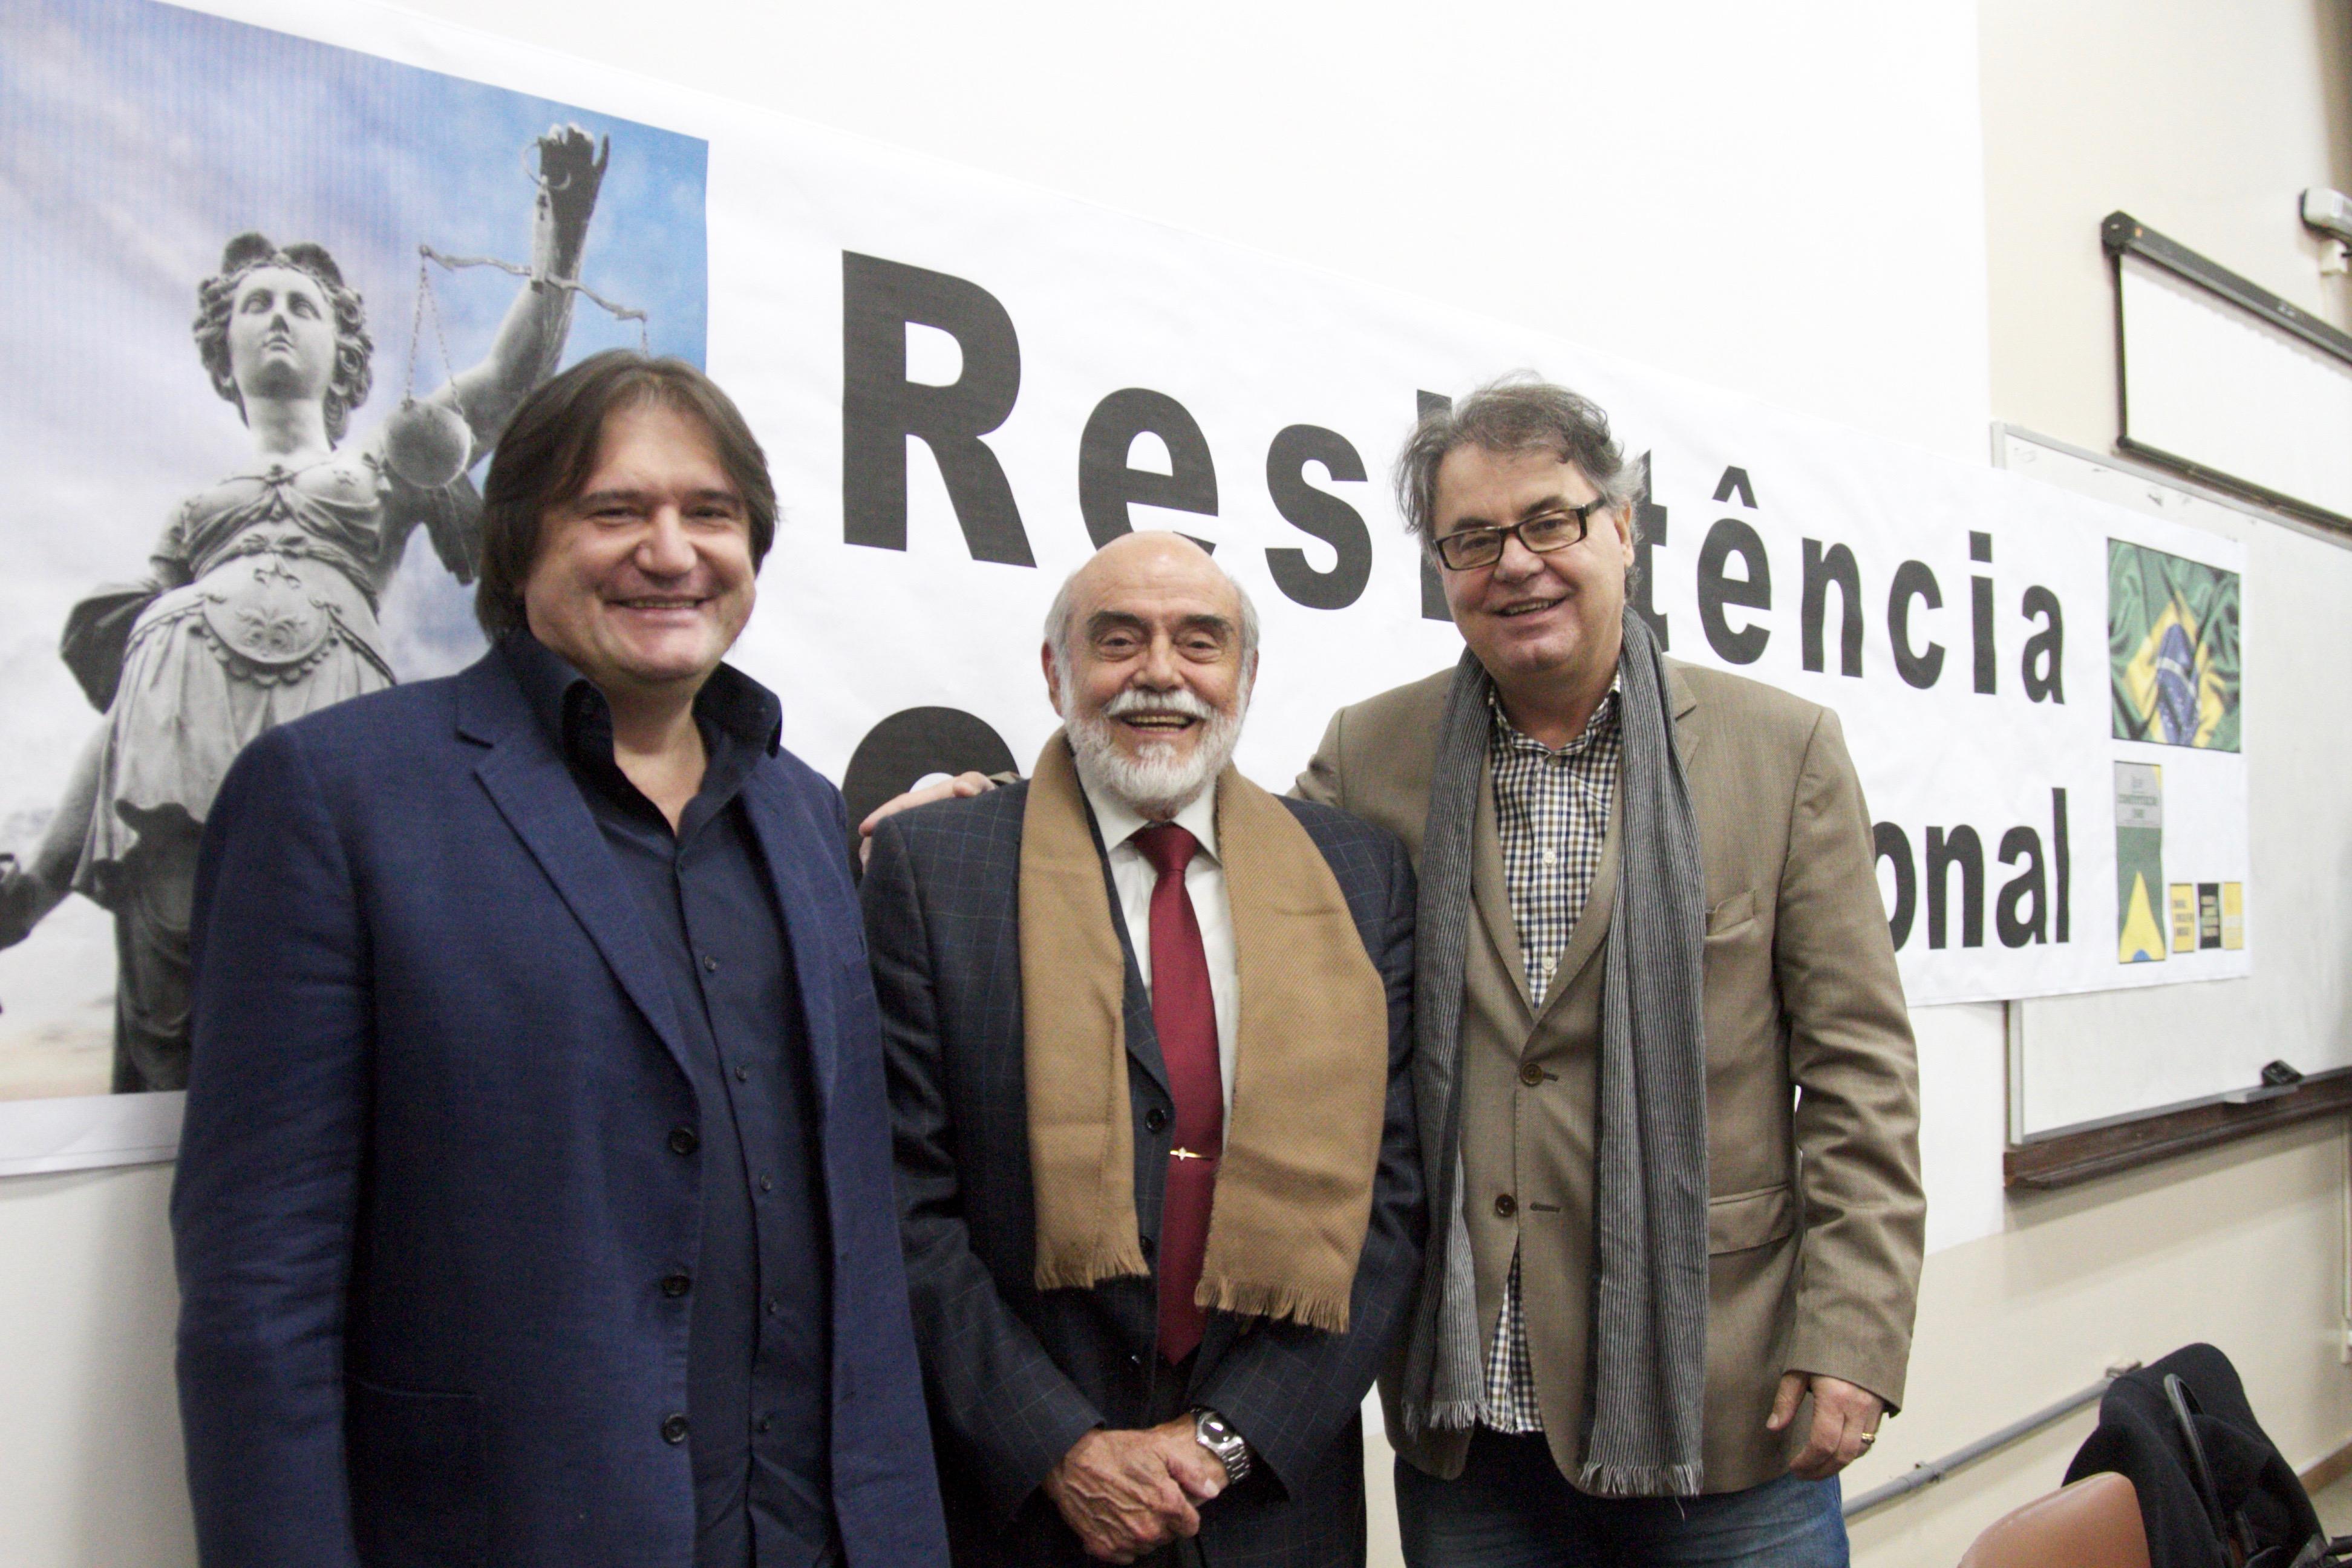 Pedro Serrano, Marcelo Lavenère e Lenio Streck